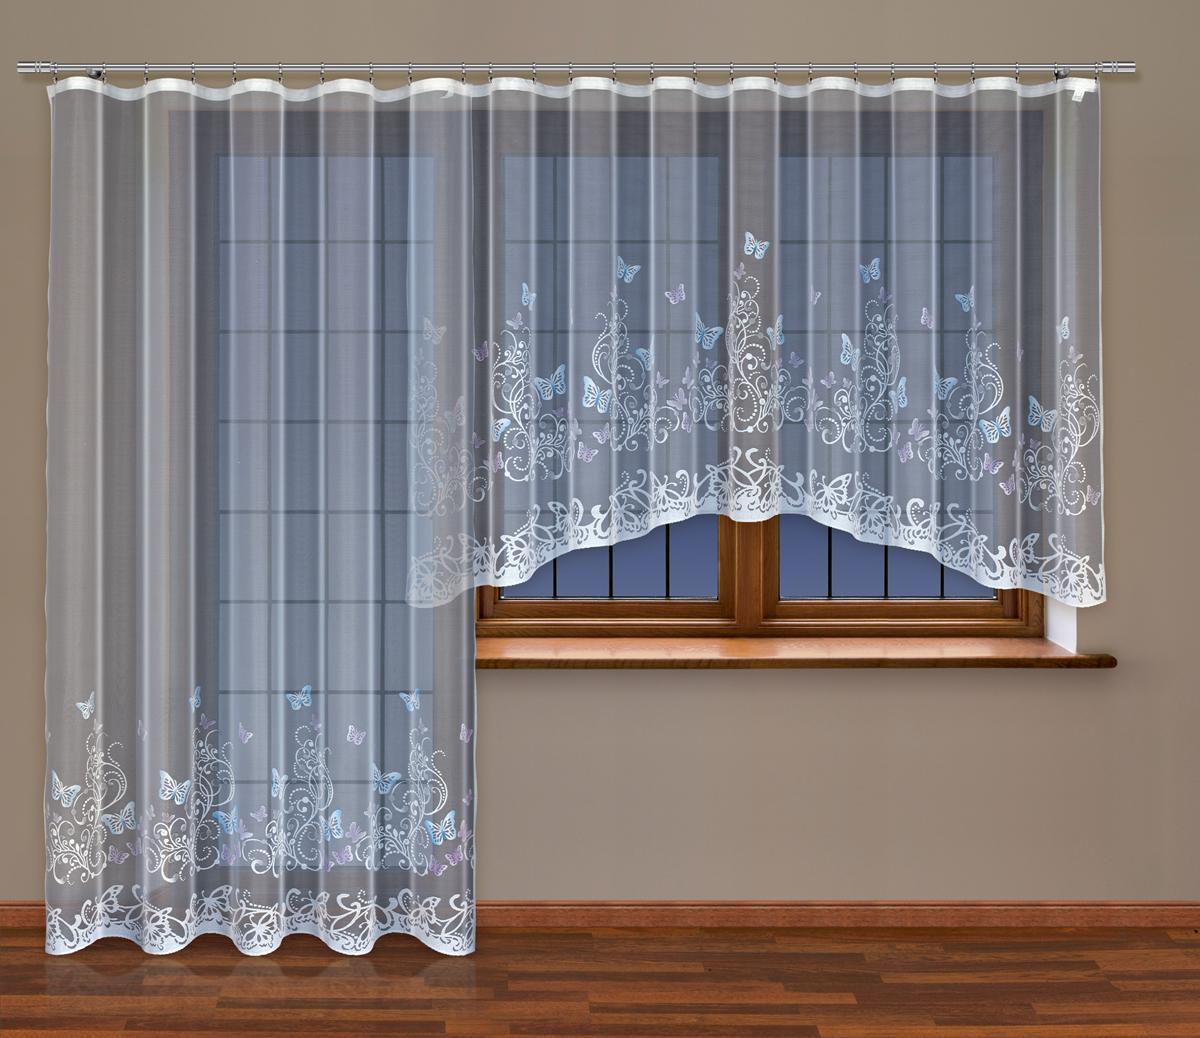 С польскими шторами «Haft» легко создать уют в доме. Все изделия «Haft» отличаются высоким качеством и прослужат не один год. Привнесите  элемент благородства в интерьер вместе с «Haft».